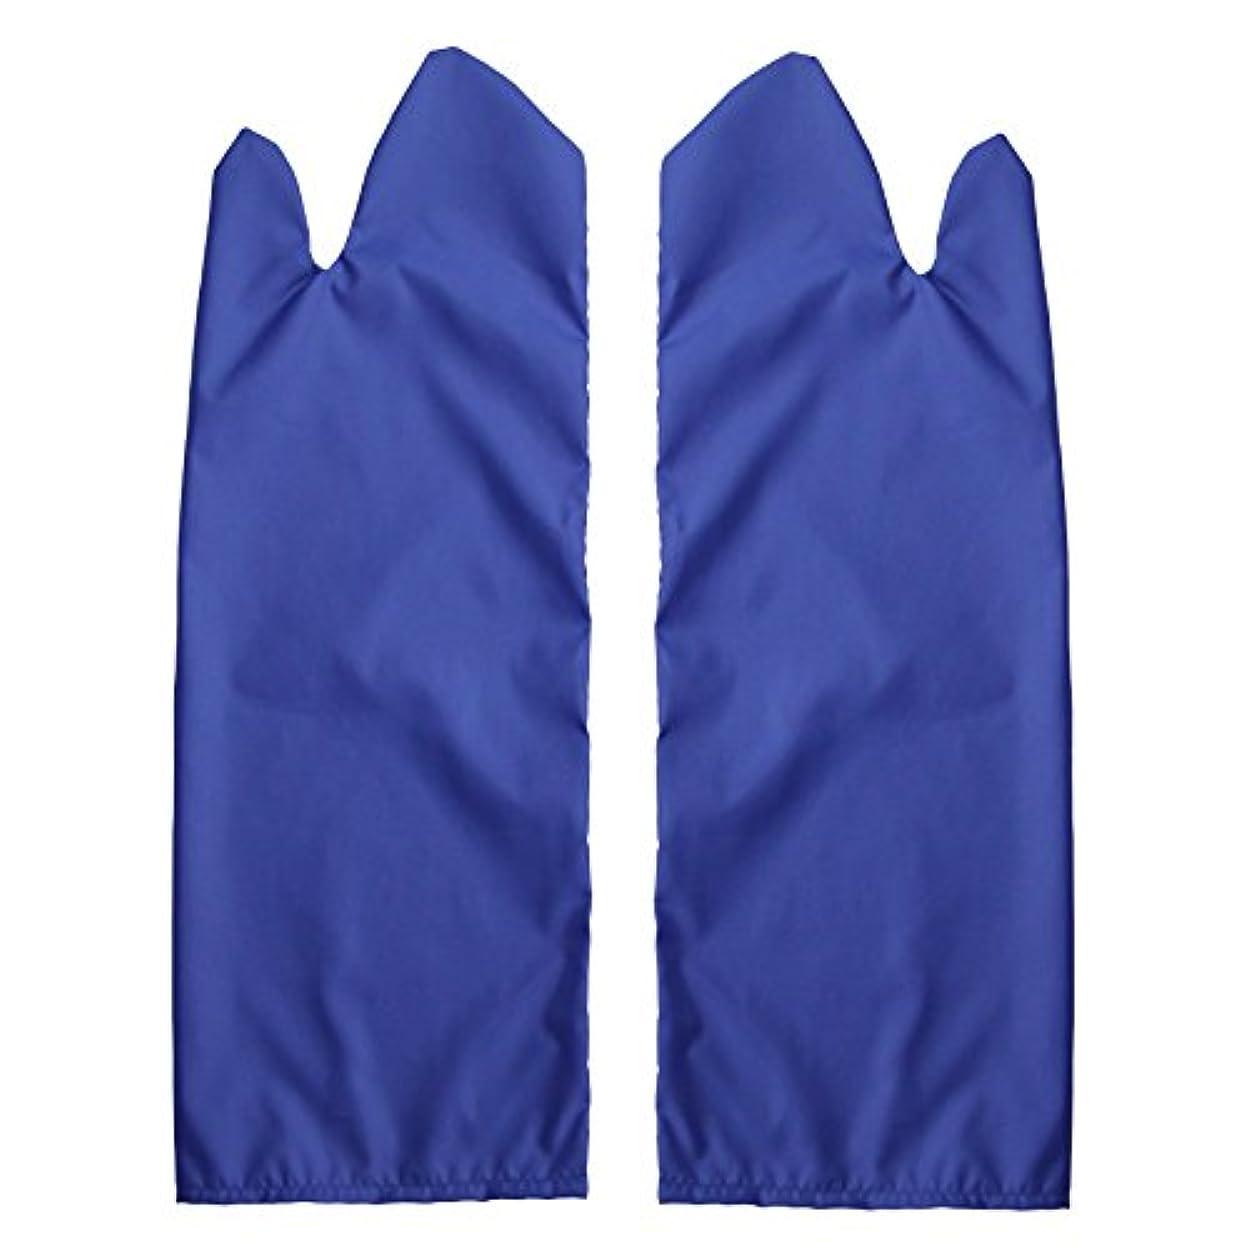 決めますホバートミュージカル体位変換用スライディンググローブ 撥水(ブルー) L /7-3681-04